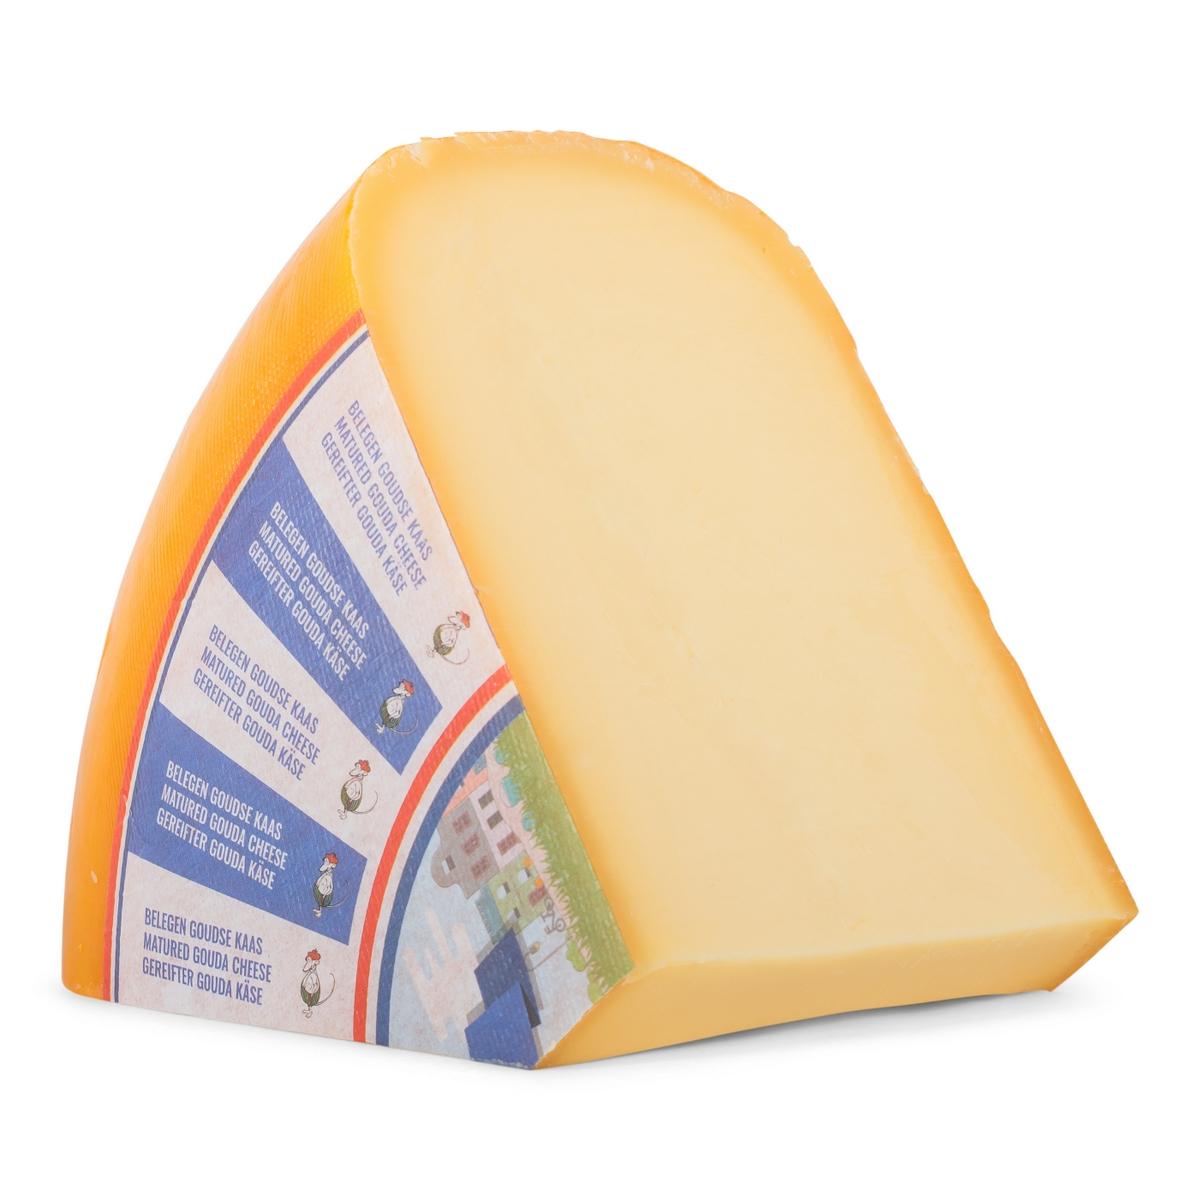 Mellemlagret ost (lagret ca. 16-18 uger)